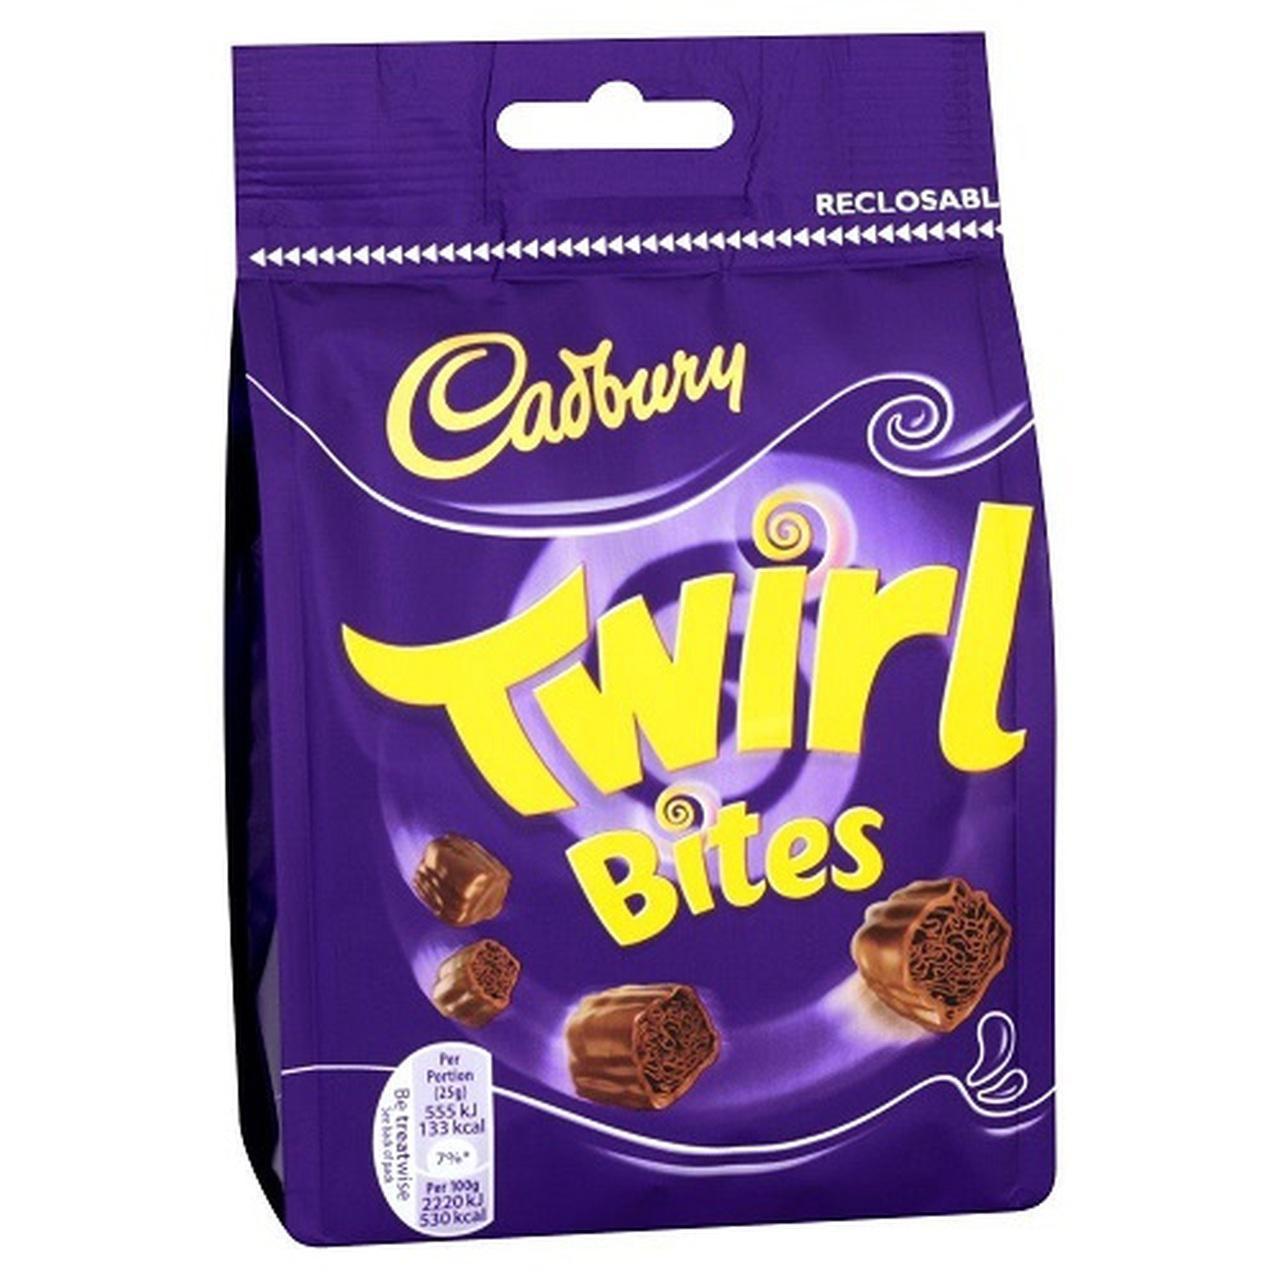 Cadbury - Twirl Bites, 109g